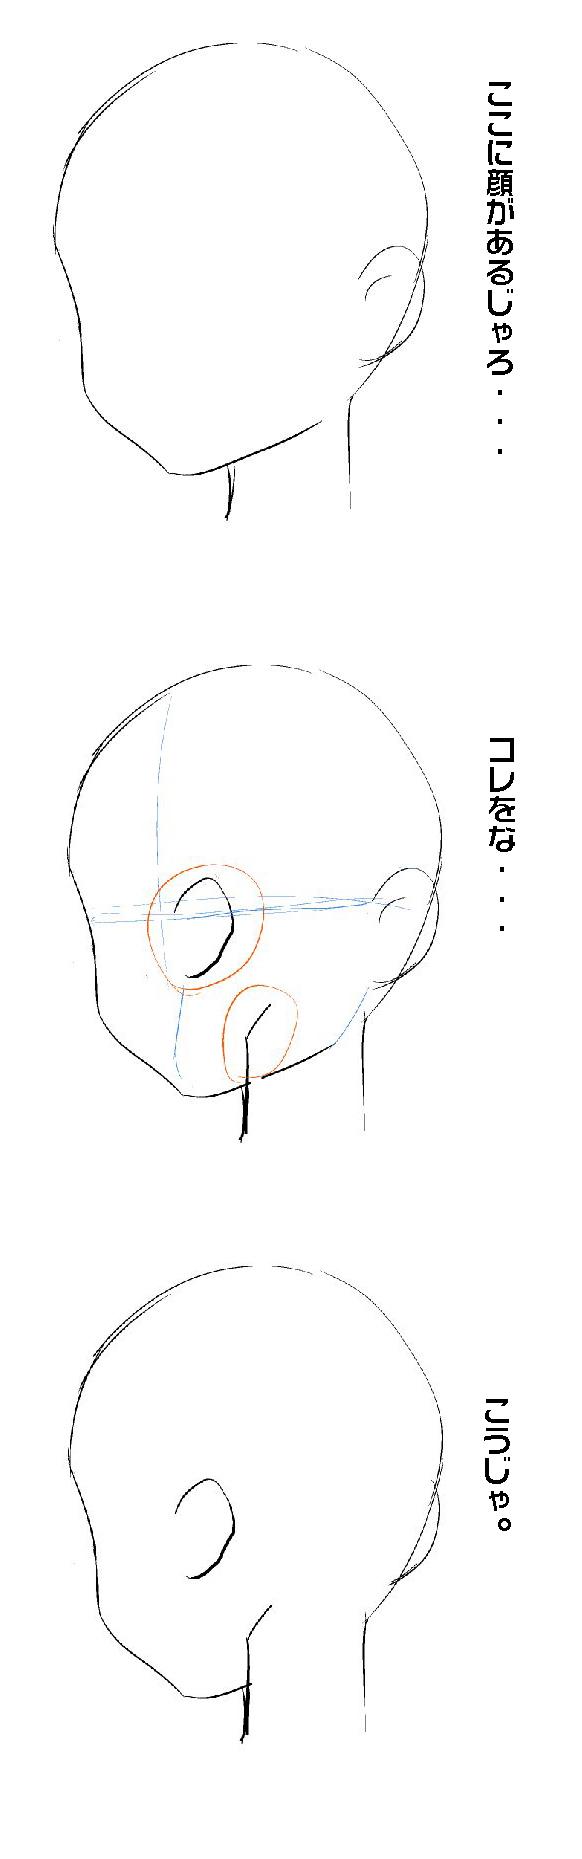 オリジナル 簡単な頭のうしろの描き方 てきとうさんのイラスト pixiv 顔のスケッチ イラスト スケッチのテクニック